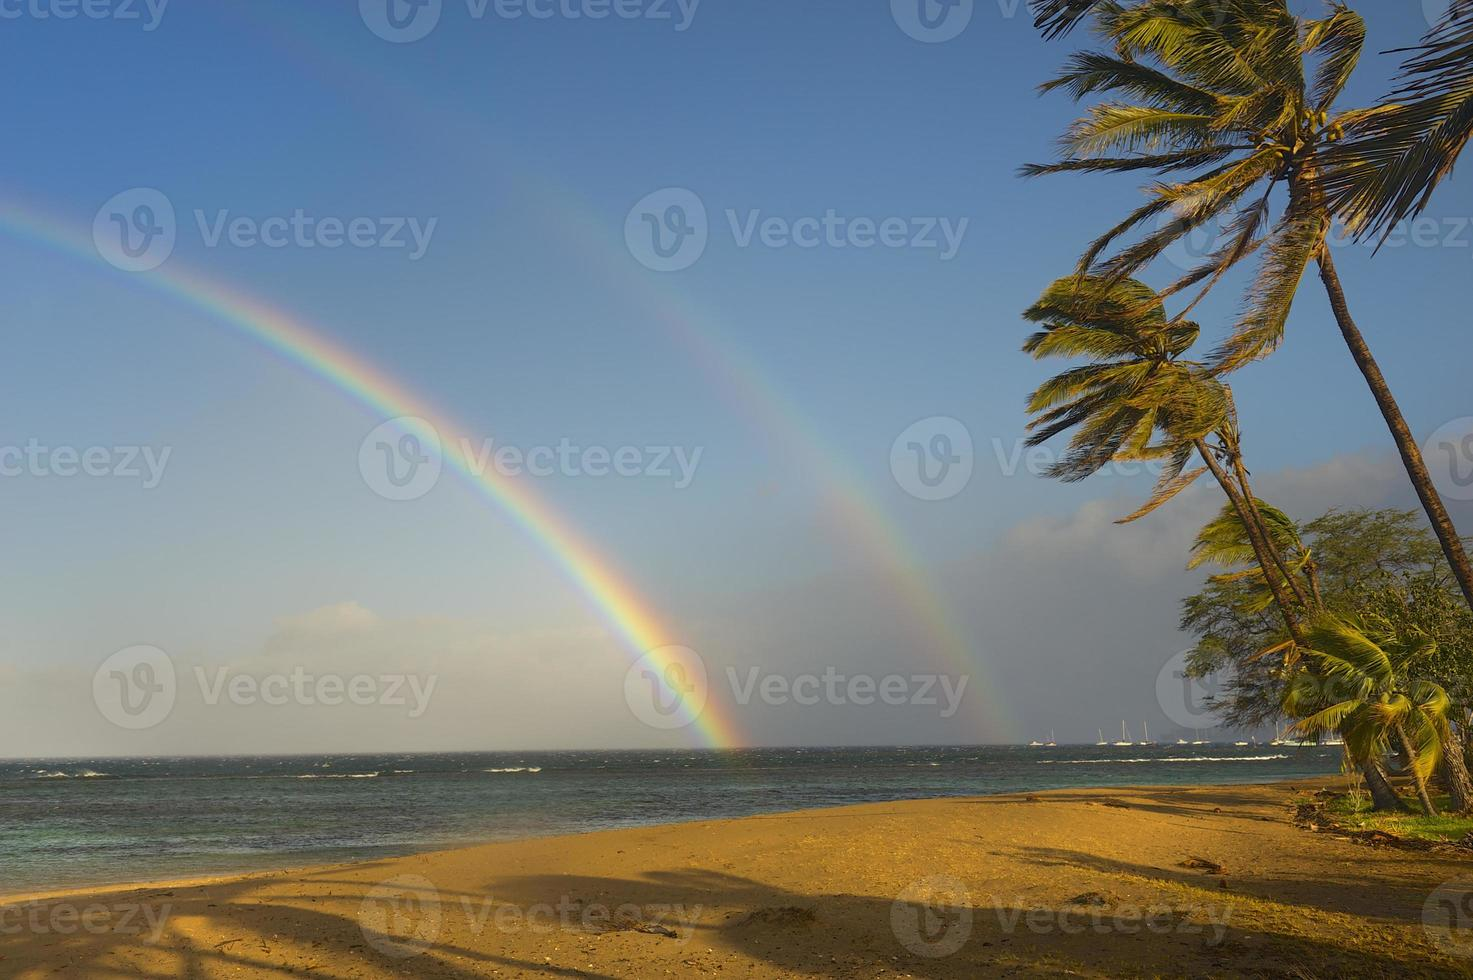 doppelter Regenbogen über tropischem Ozean foto